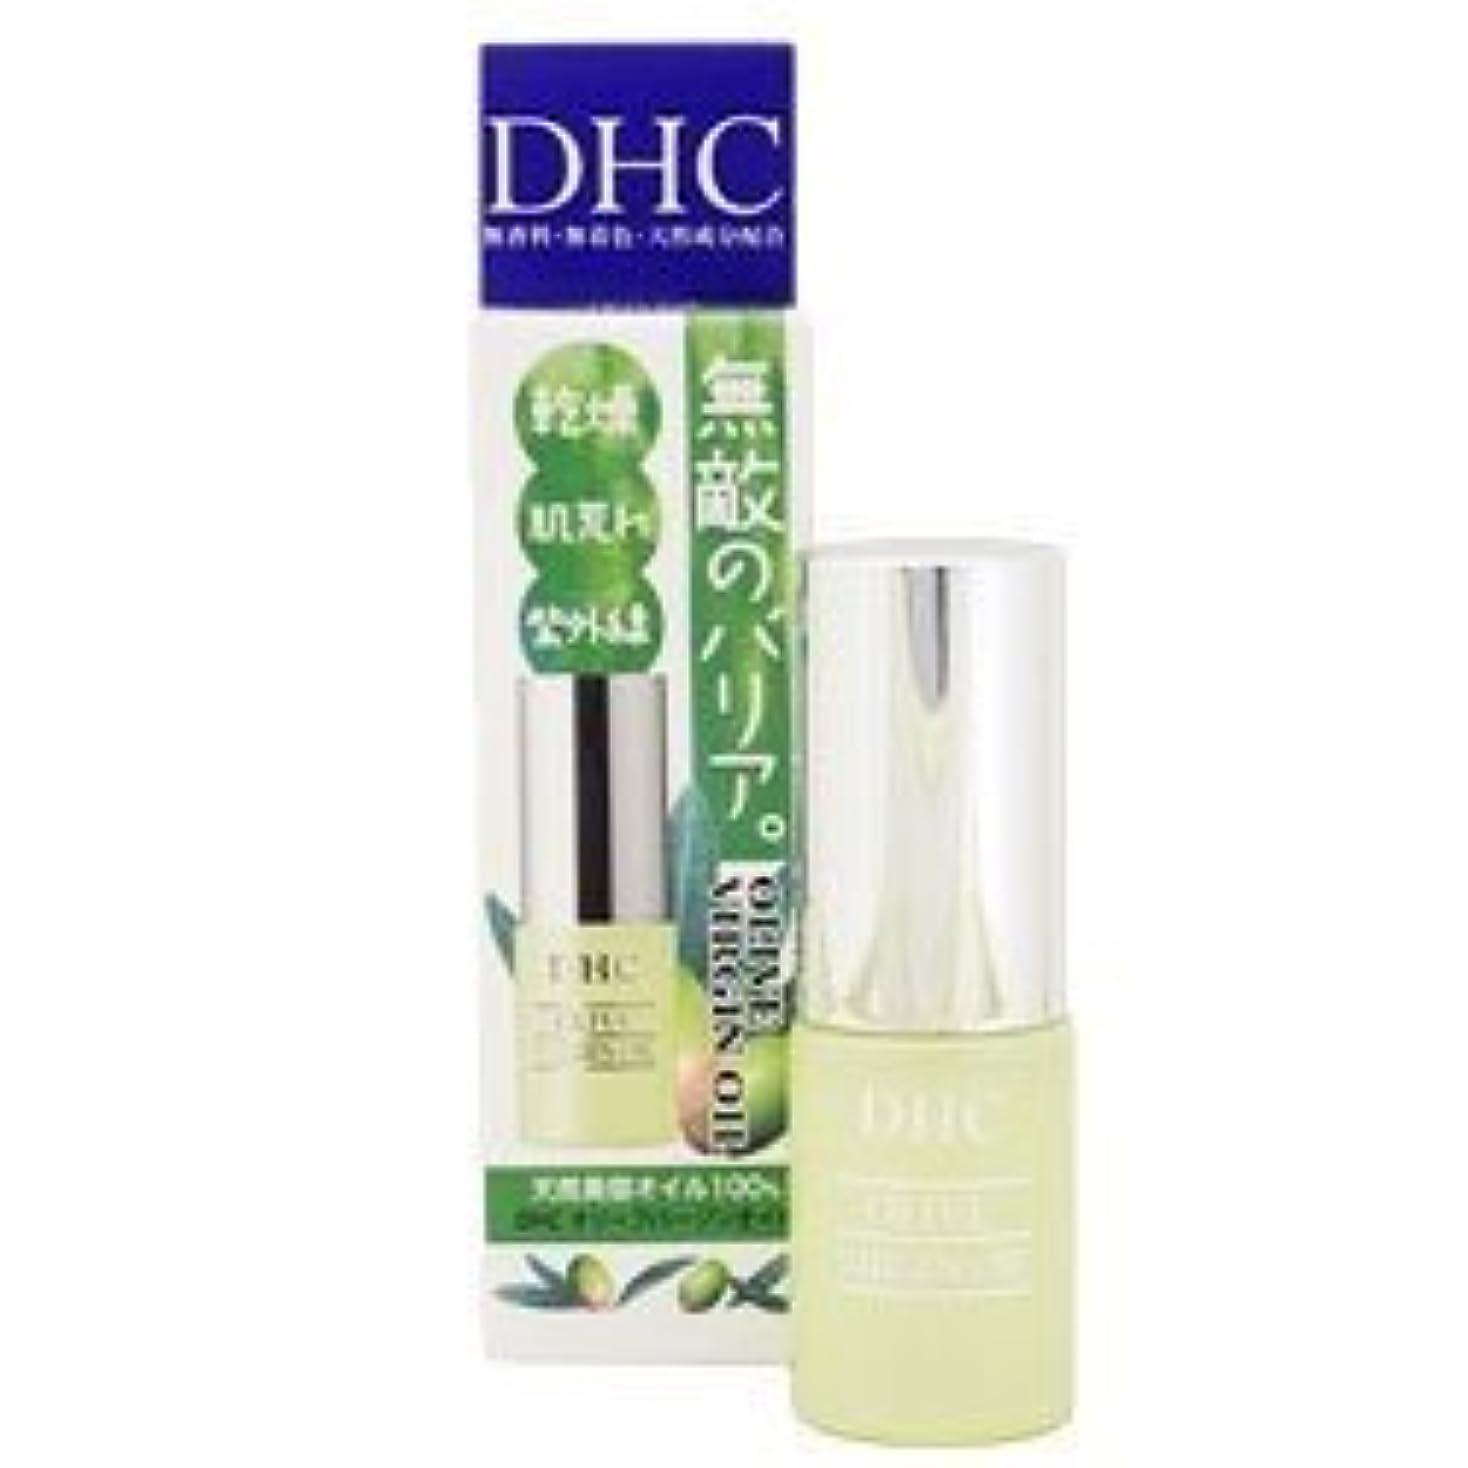 倉庫シャー震える【DHC】DHC オリーブバージンオイル(SS) 7ml ×5個セット